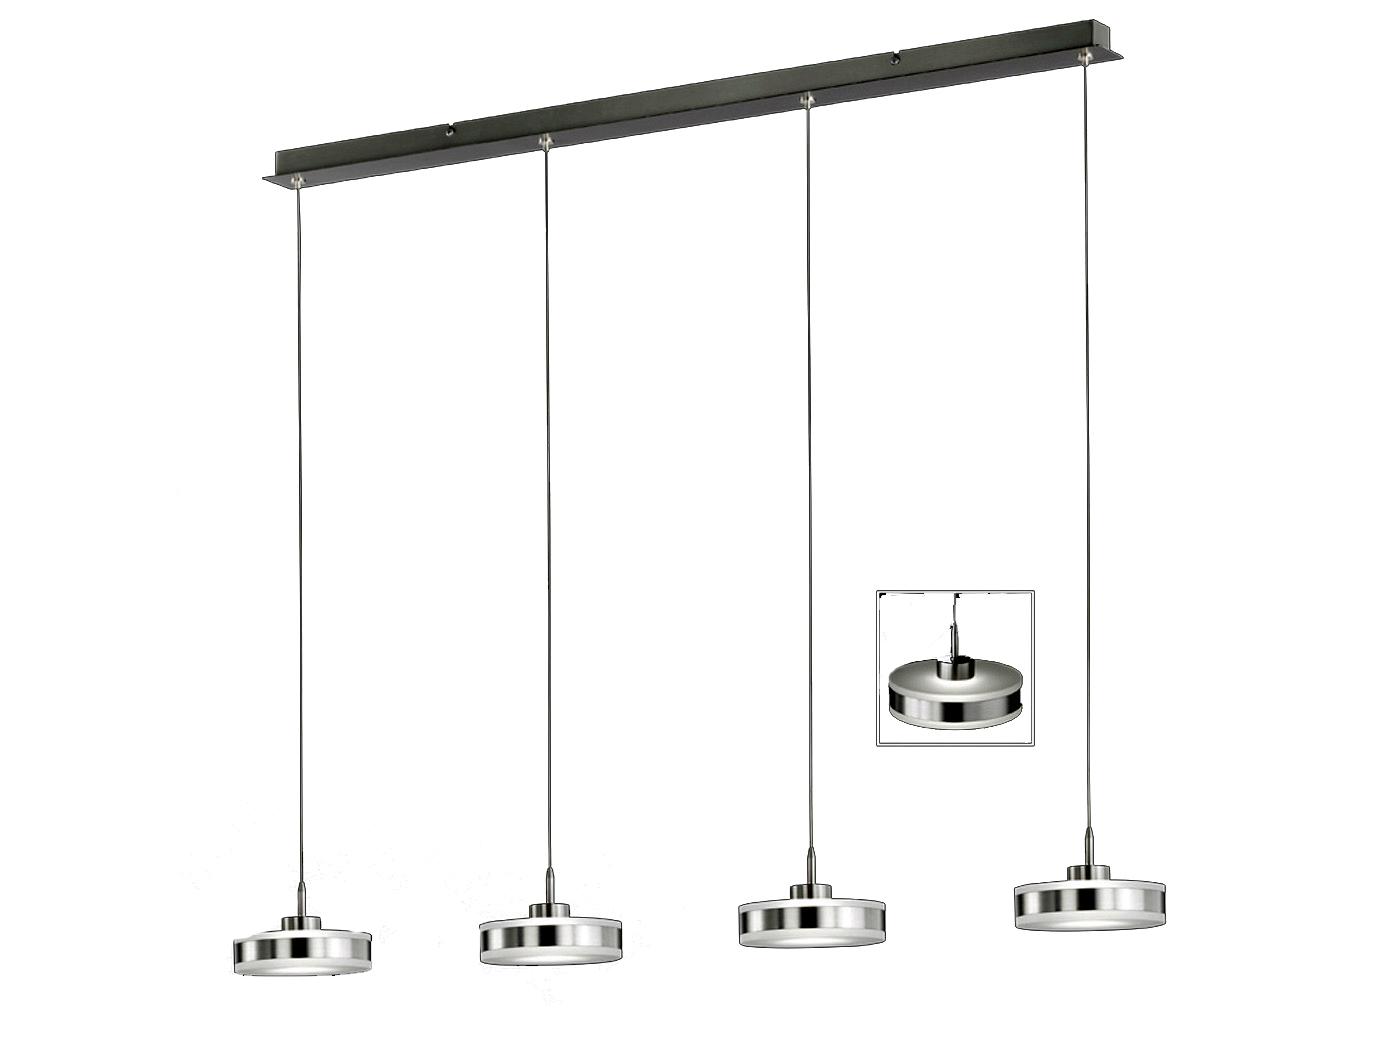 led pendelleuchte dimmbar h henverstellbar l nge 94 cm. Black Bedroom Furniture Sets. Home Design Ideas